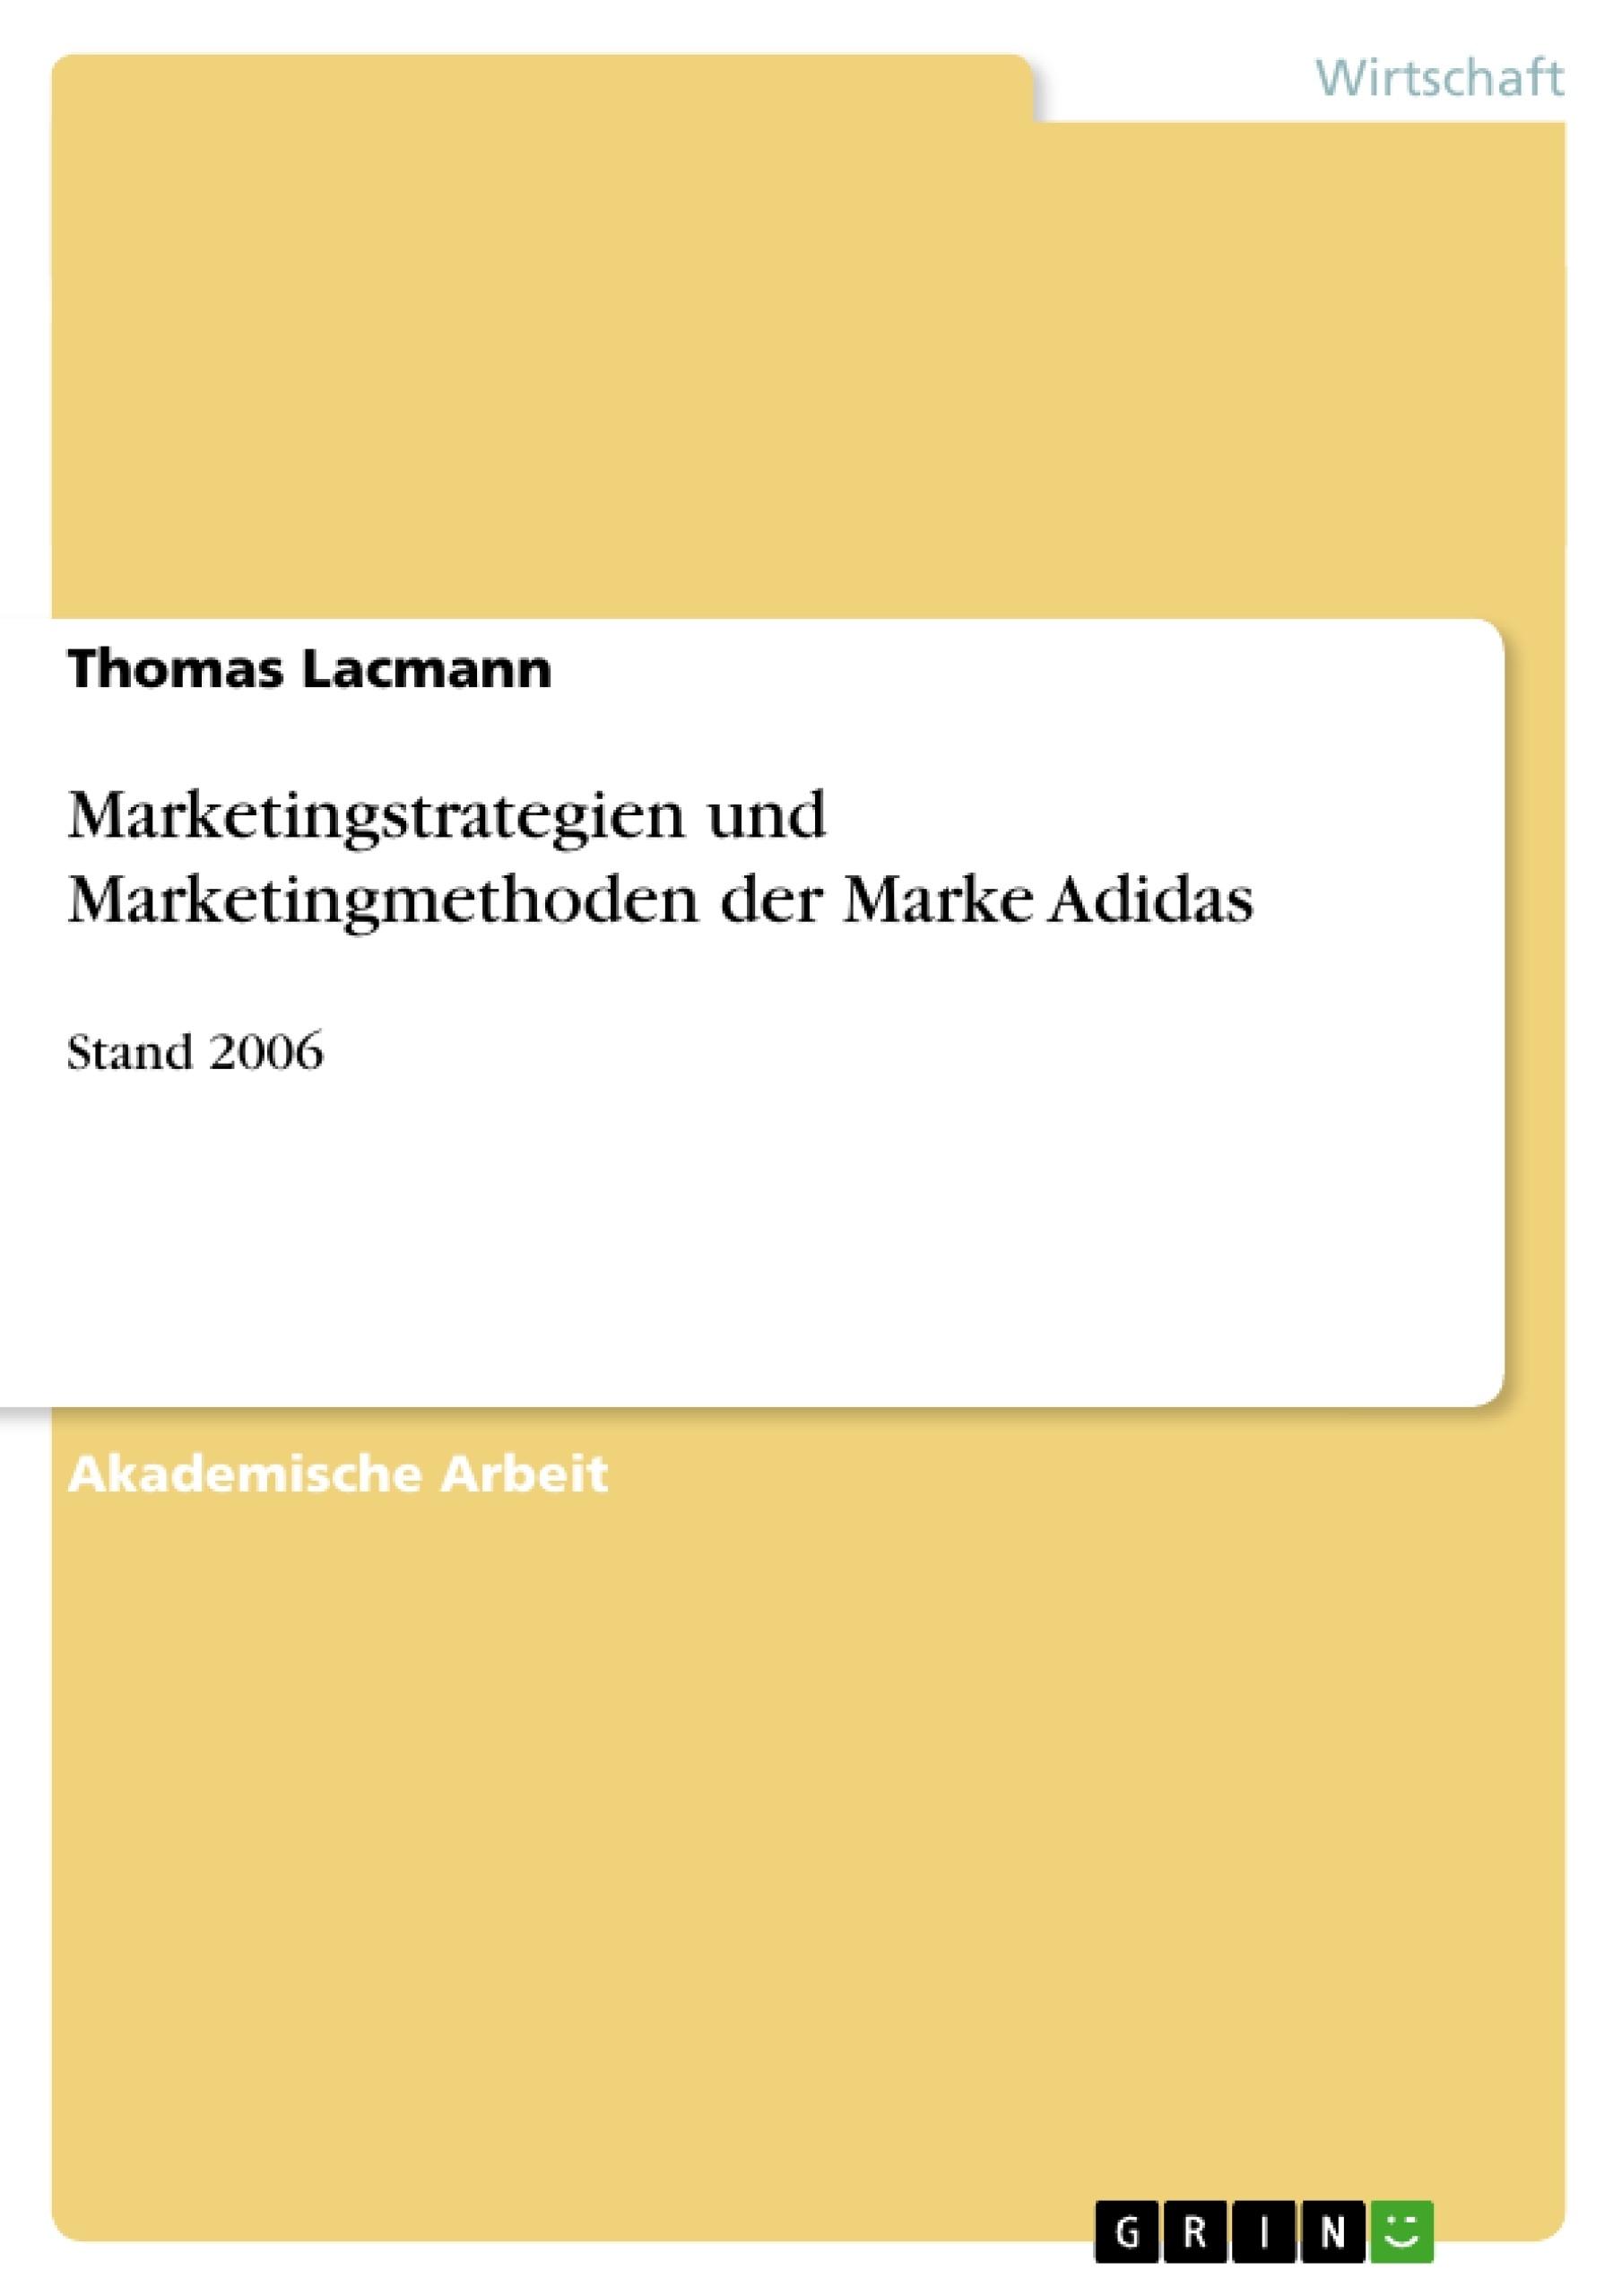 Titel: Marketingstrategien und Marketingmethoden der Marke Adidas